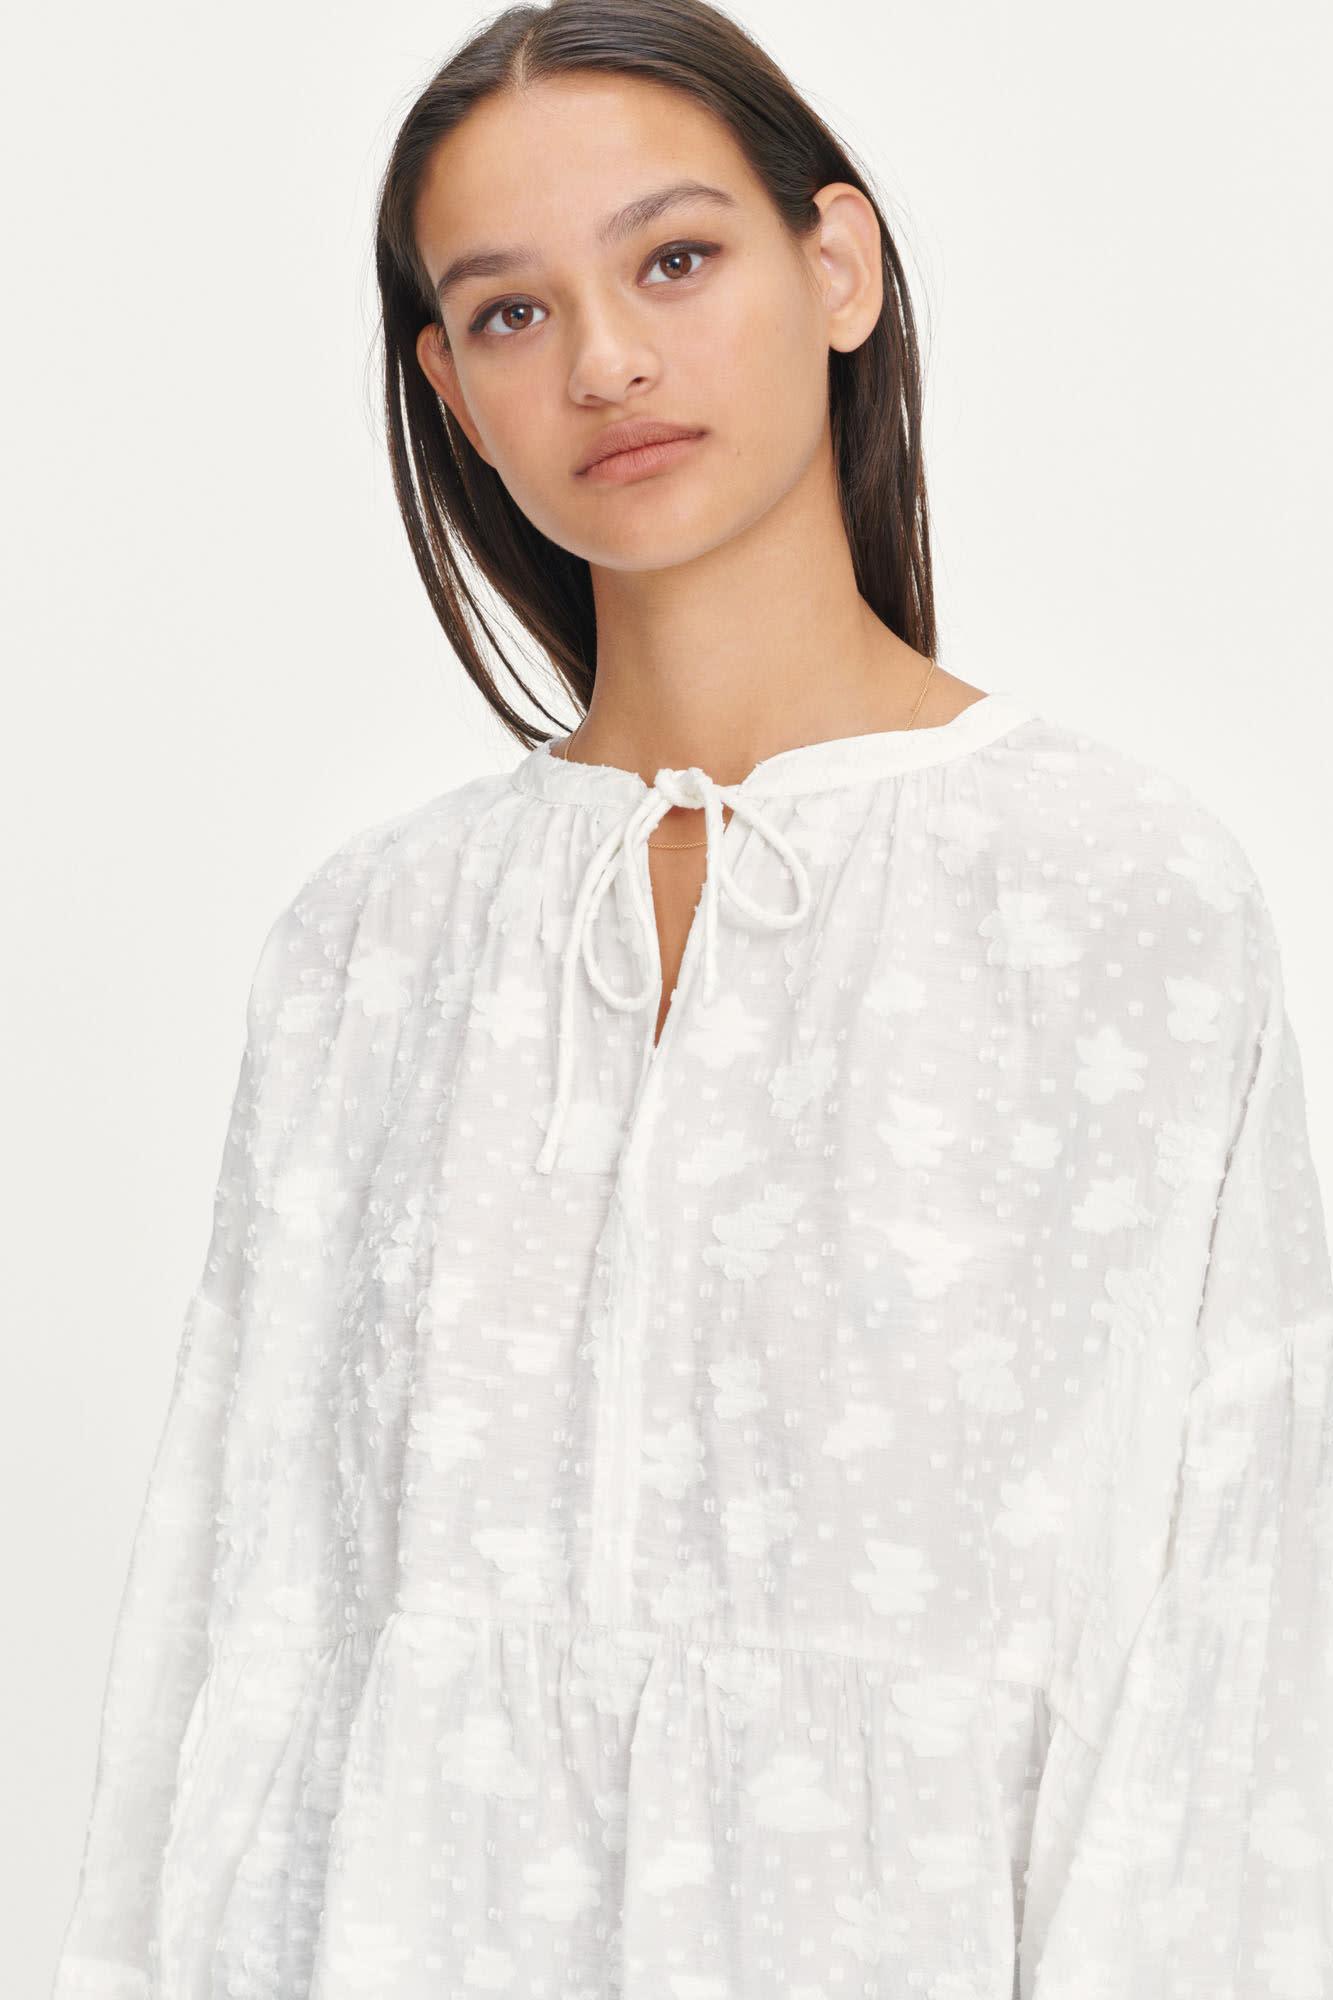 Roya Bohemian Cotton Blouse White-3